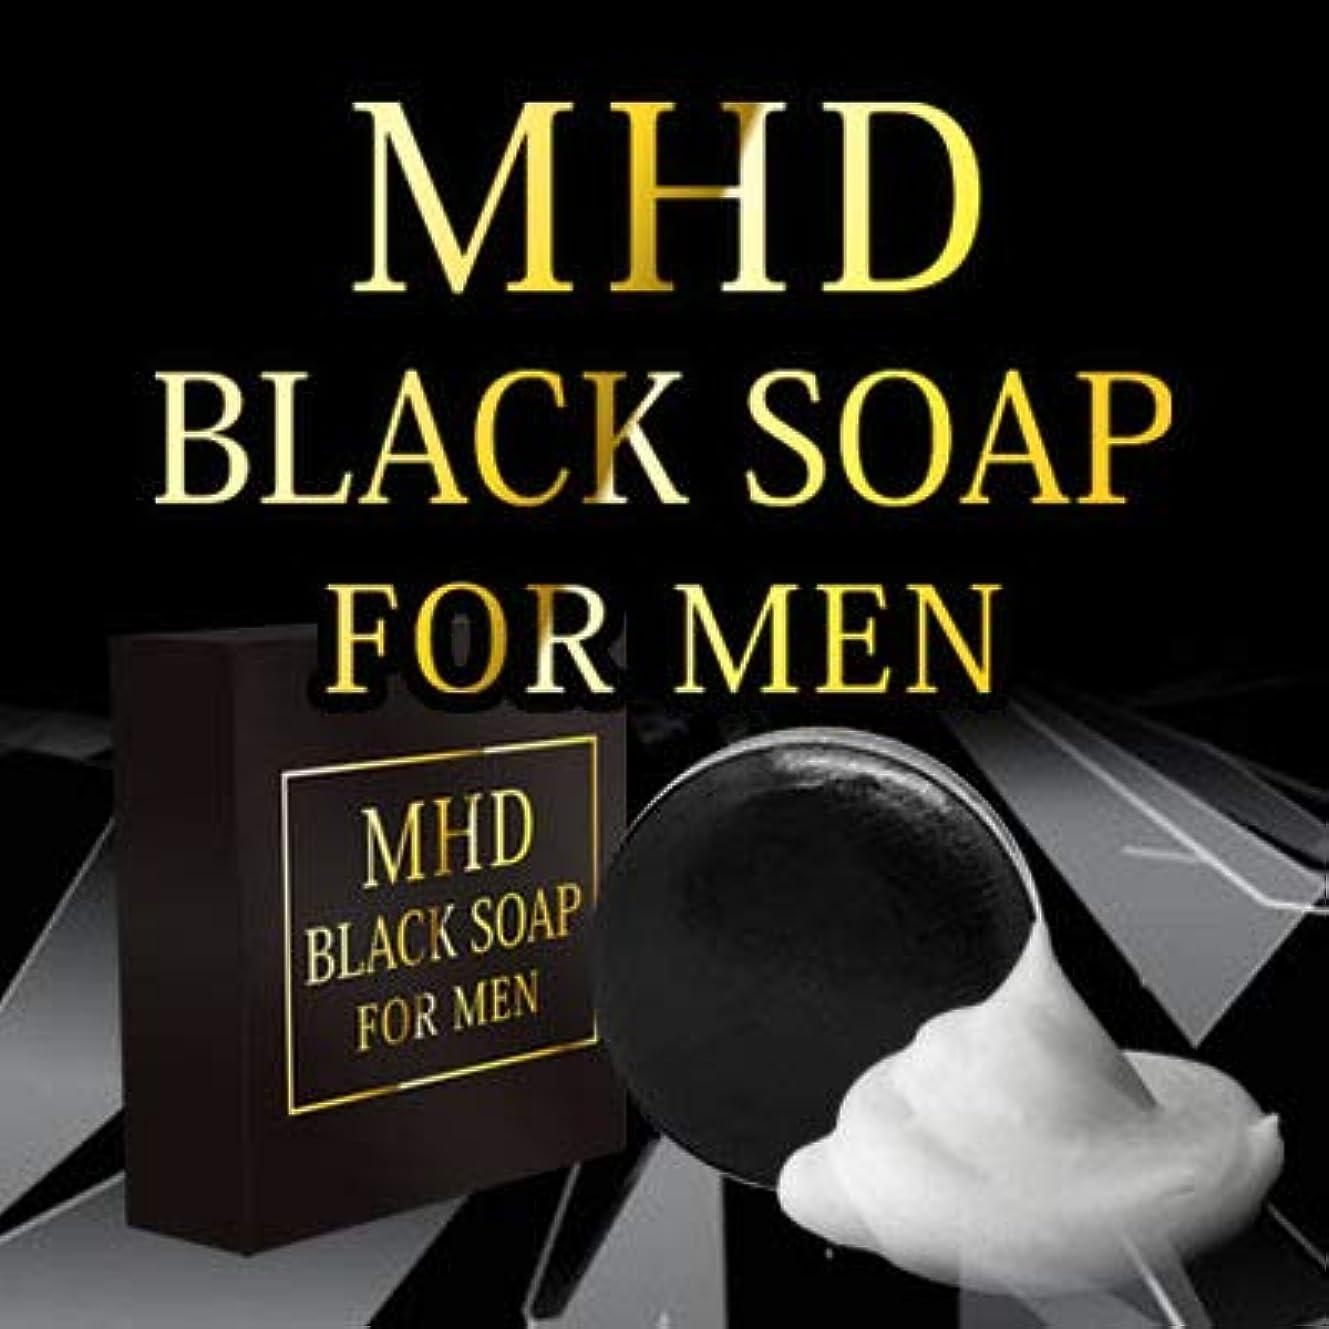 うがいお母さん骨折MHD石鹸(BLACK SOAP FOR MEN) メンズ用全身ソープ